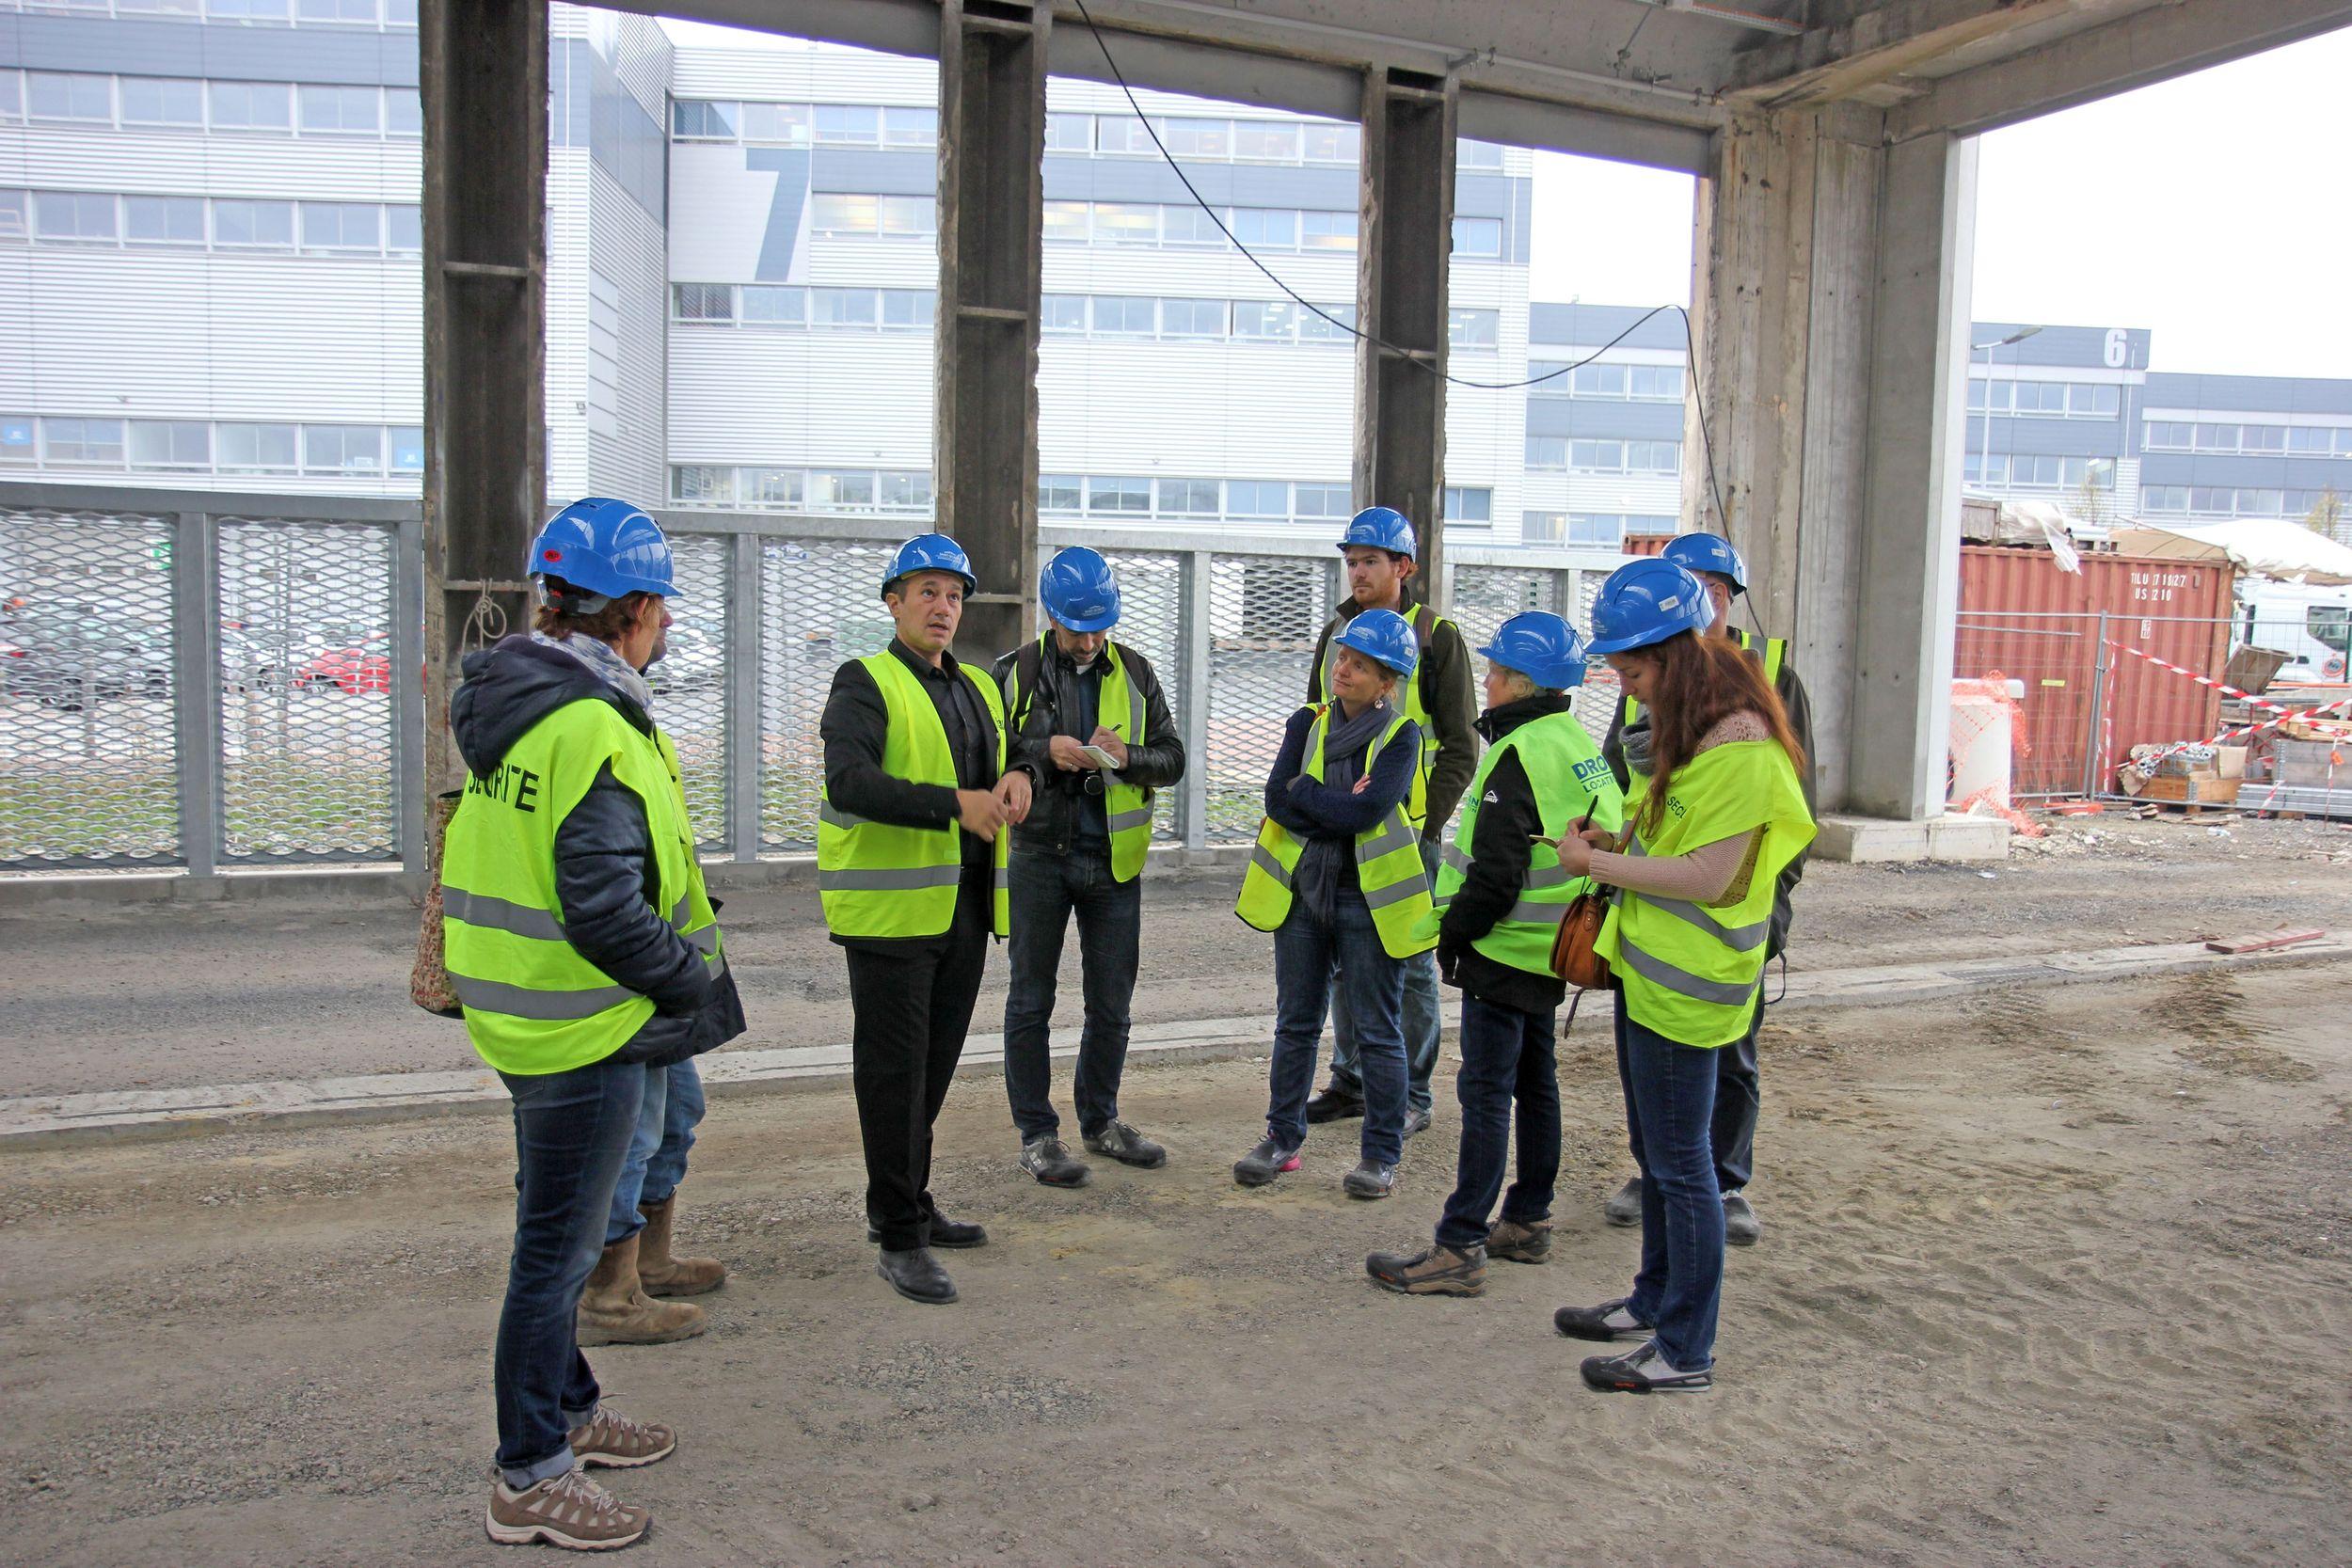 Visites de chantier en seine saint denis en 2014 for Visite de chantier